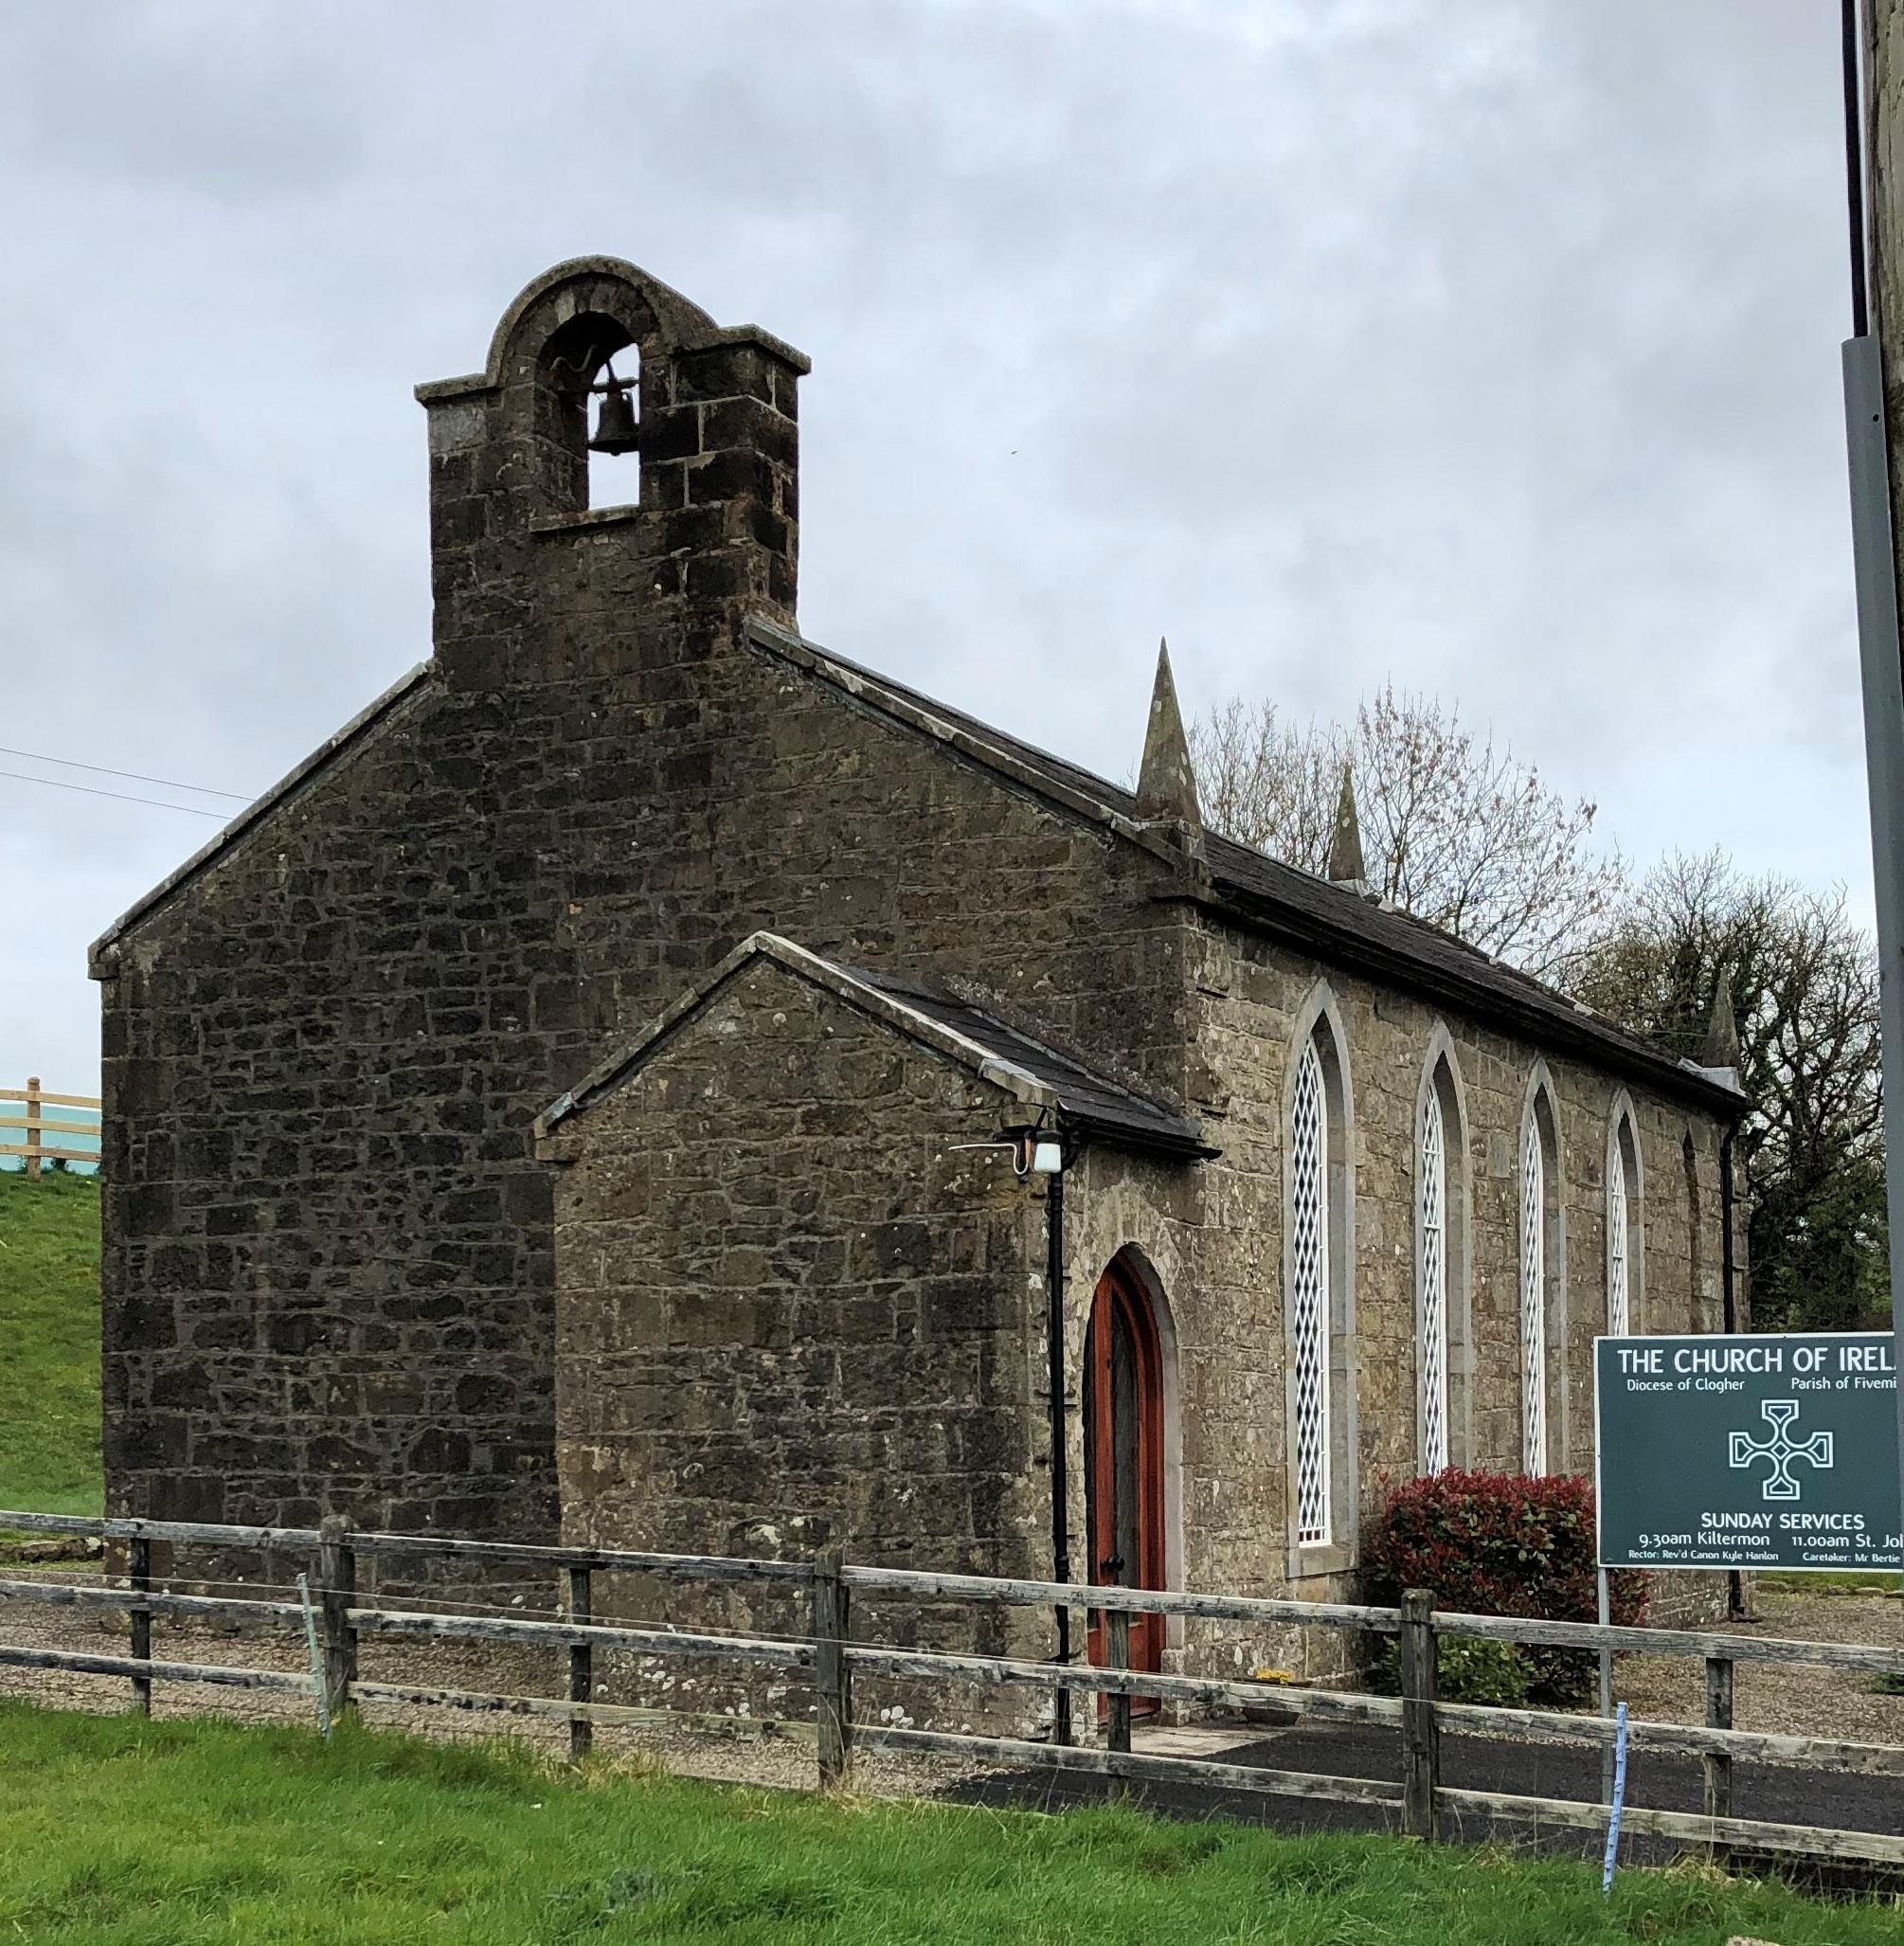 FIVEMILETOWN, Kiltermon Church of Ireland - Exterior